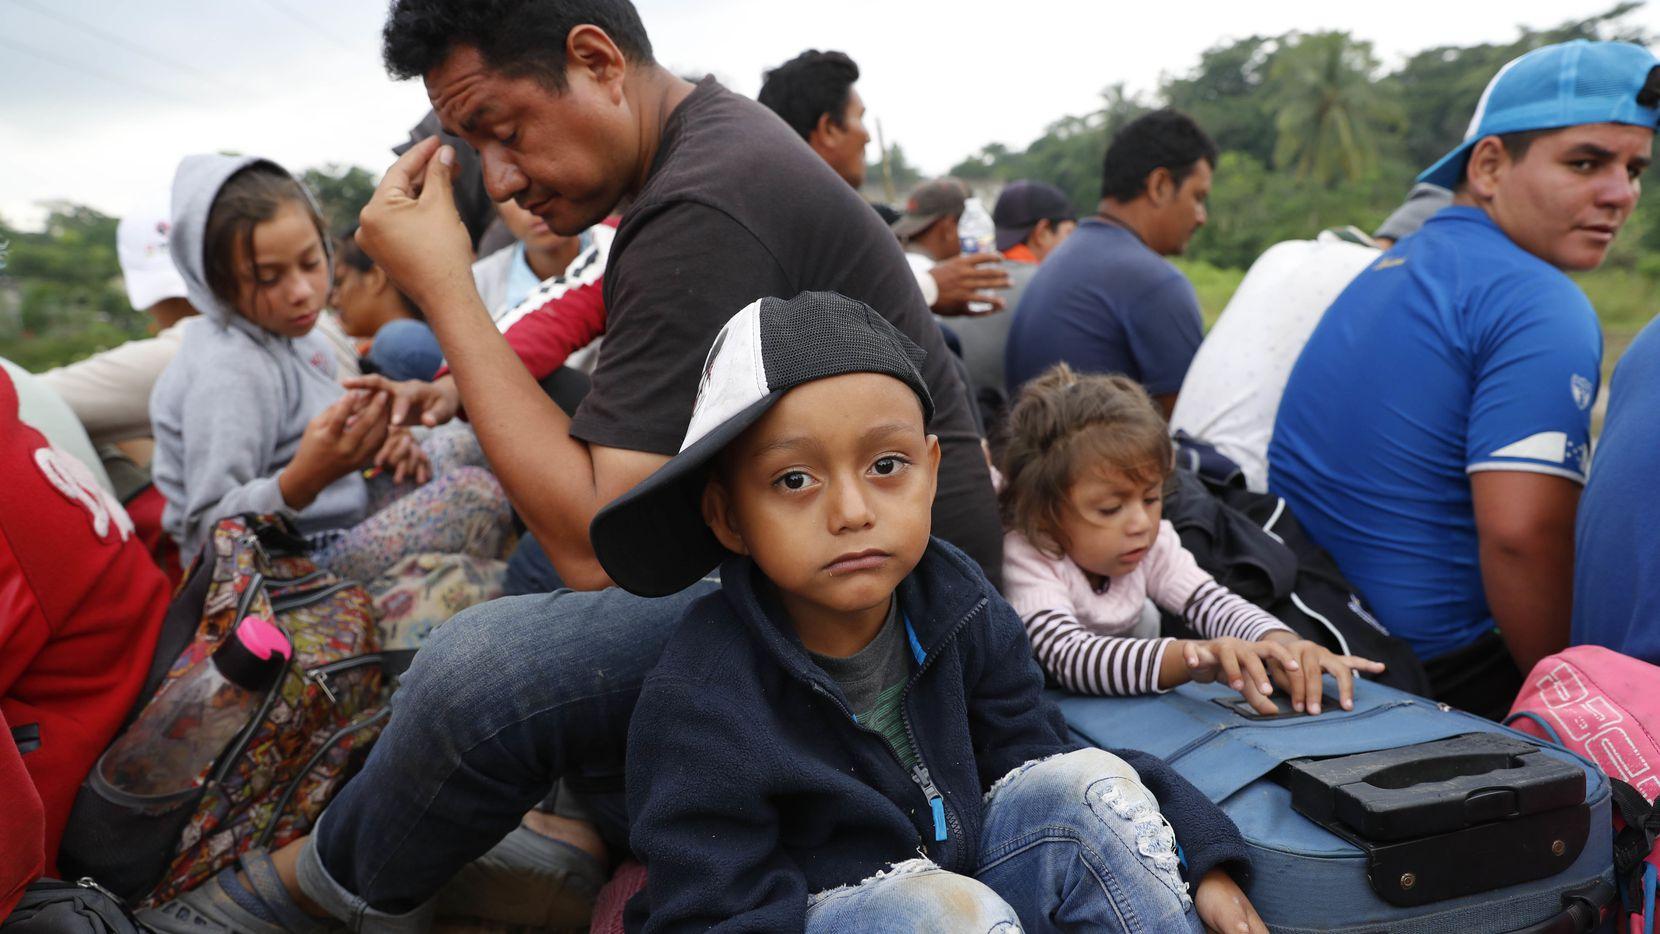 Niños son parte de la caravana de migrantes de Centroamérica que transita por México.  (AP Photo/Marco Ugarte)